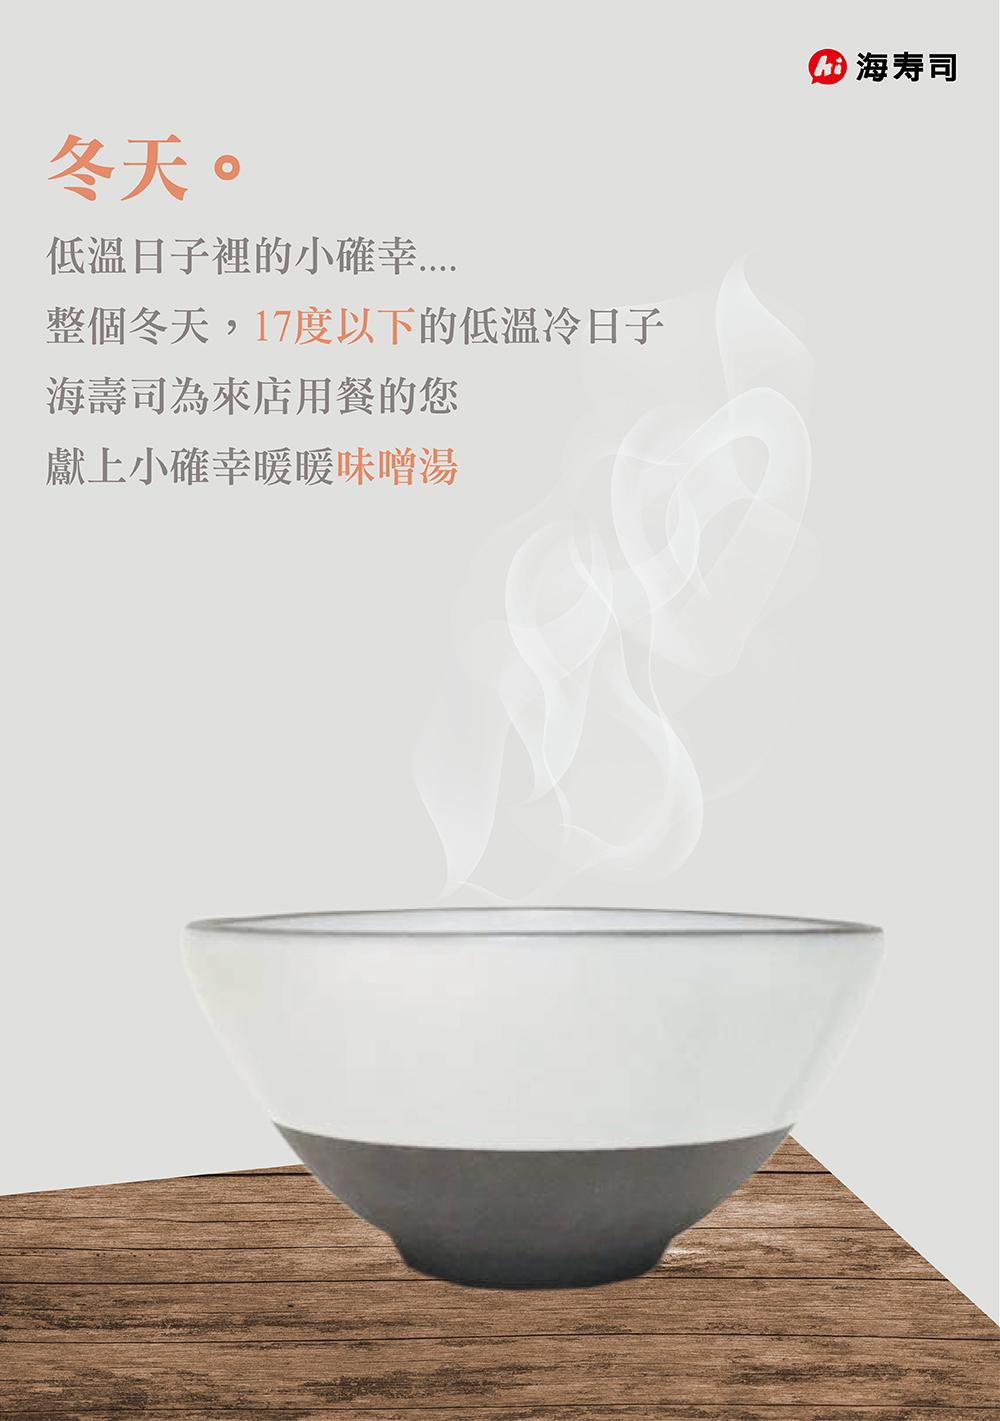 17℃為您送上暖暖味噌湯